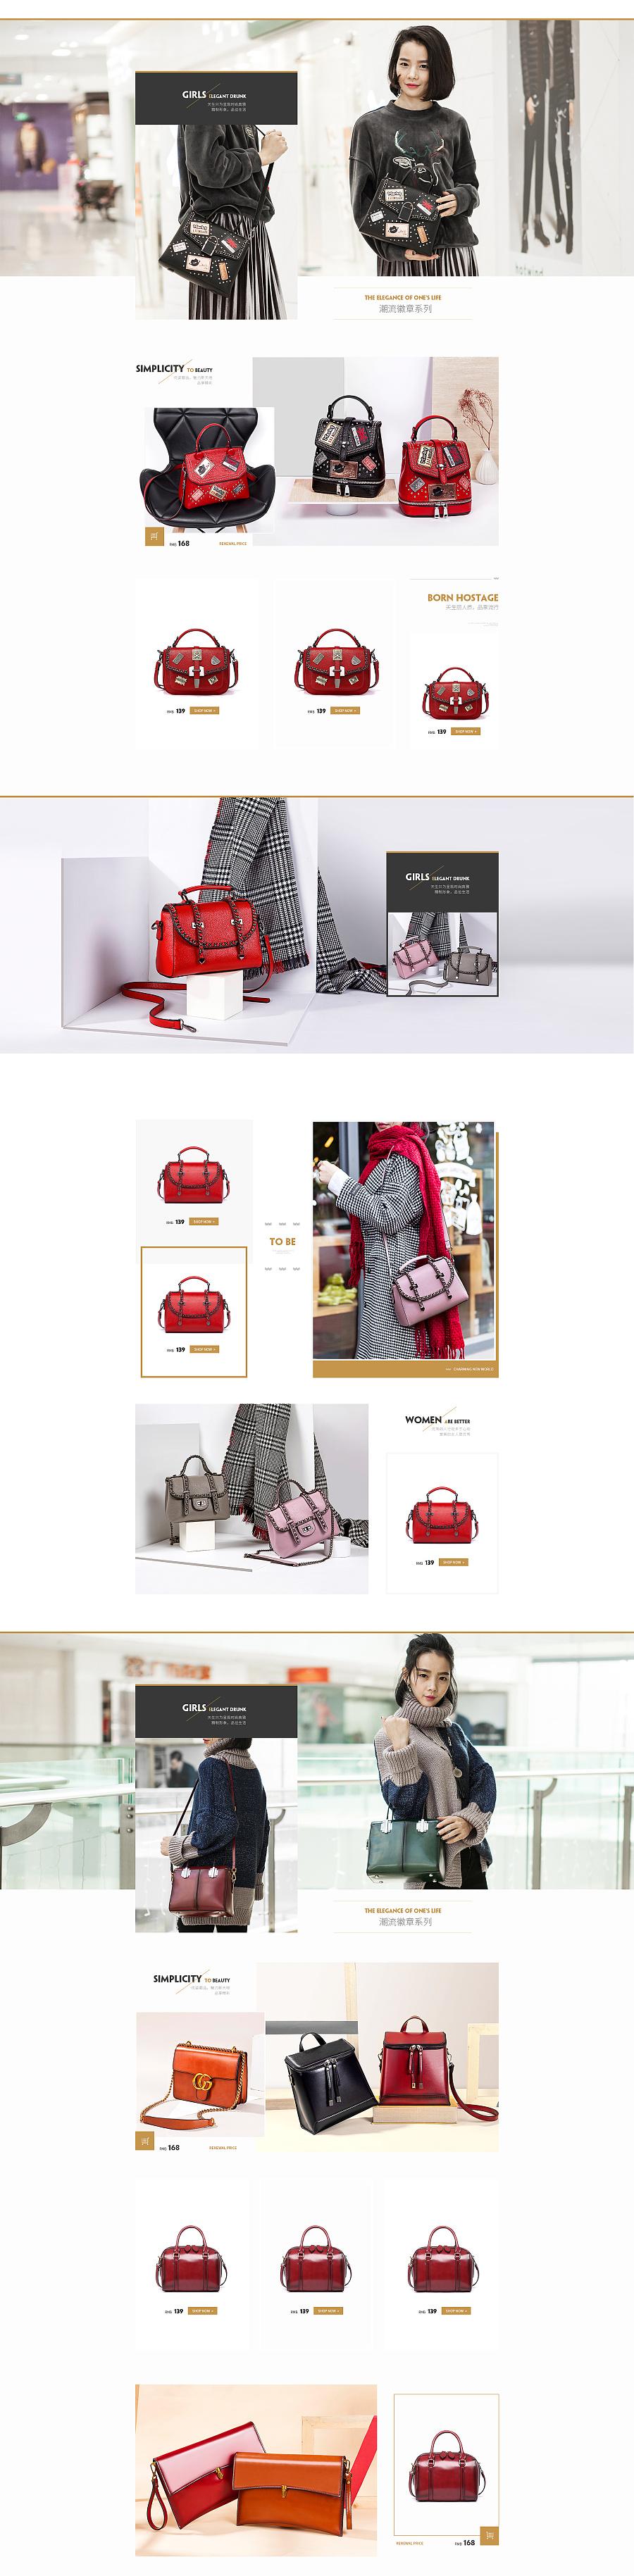 查看《【练习】电商女包天猫首页网页专题海报设计》原图,原图尺寸:1920x7804